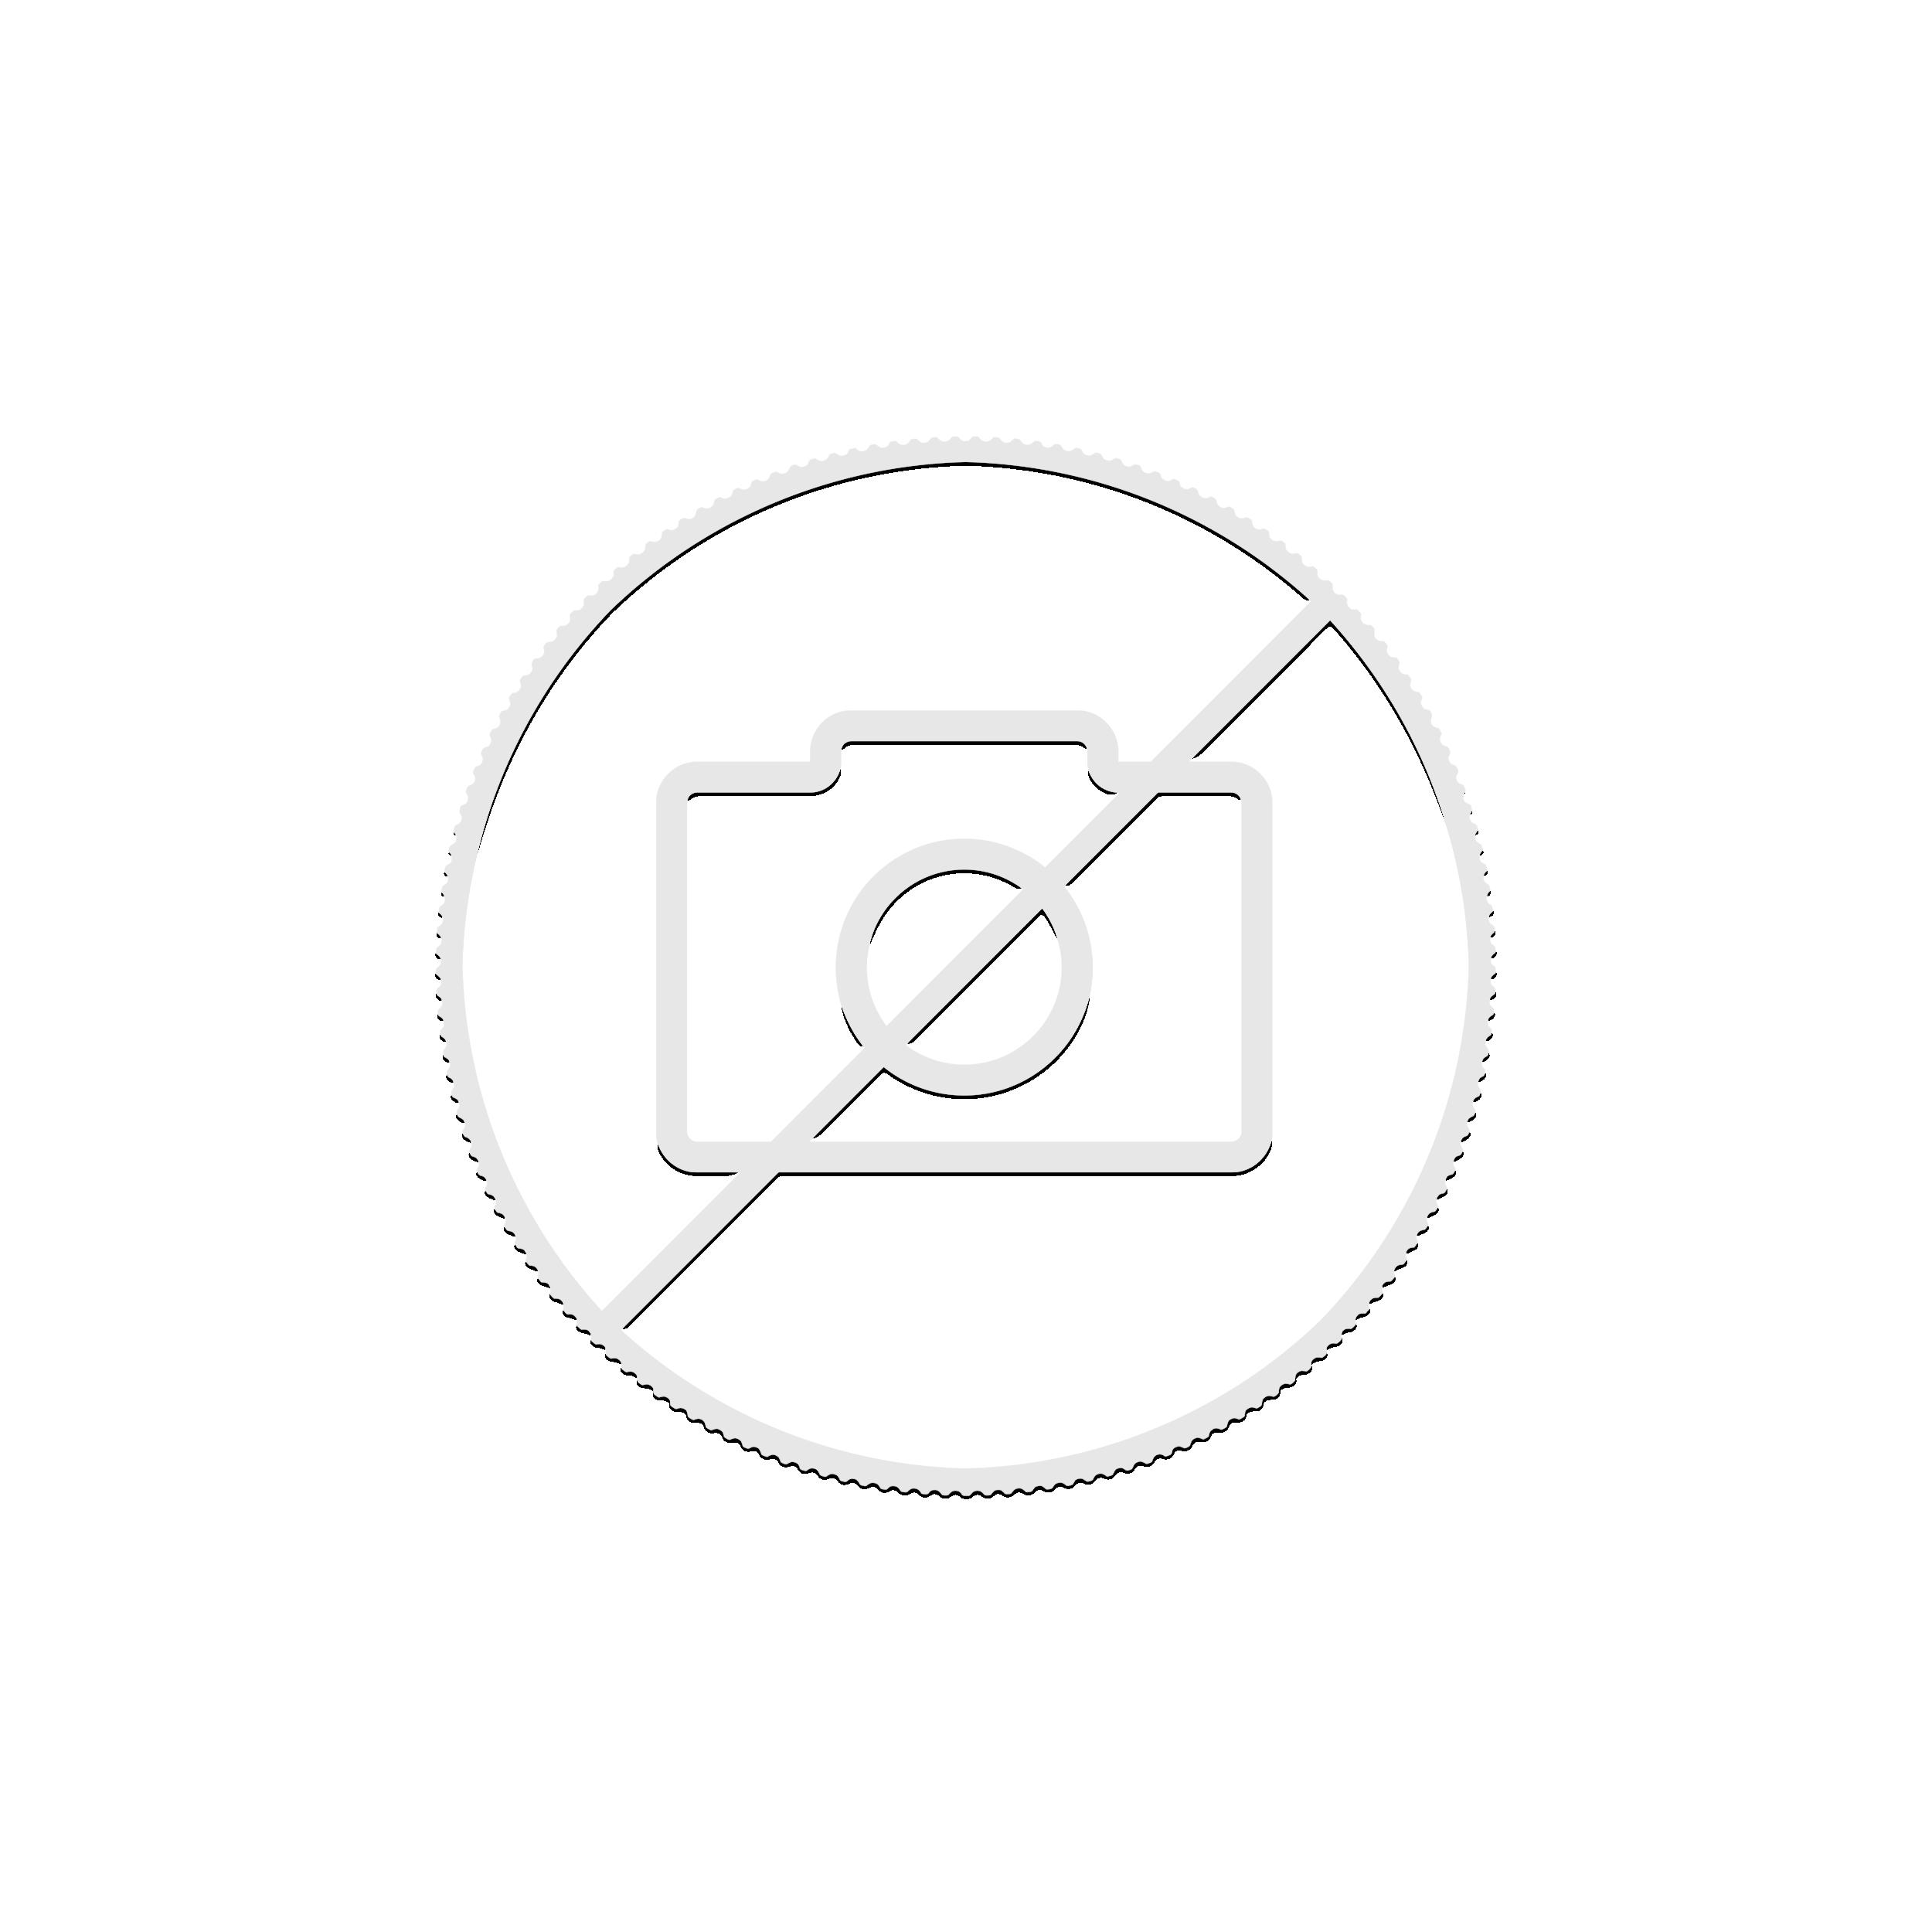 Zeldzaam: 1 troy ounce zilver Lunar Series II - Jaar van het konijn 2011